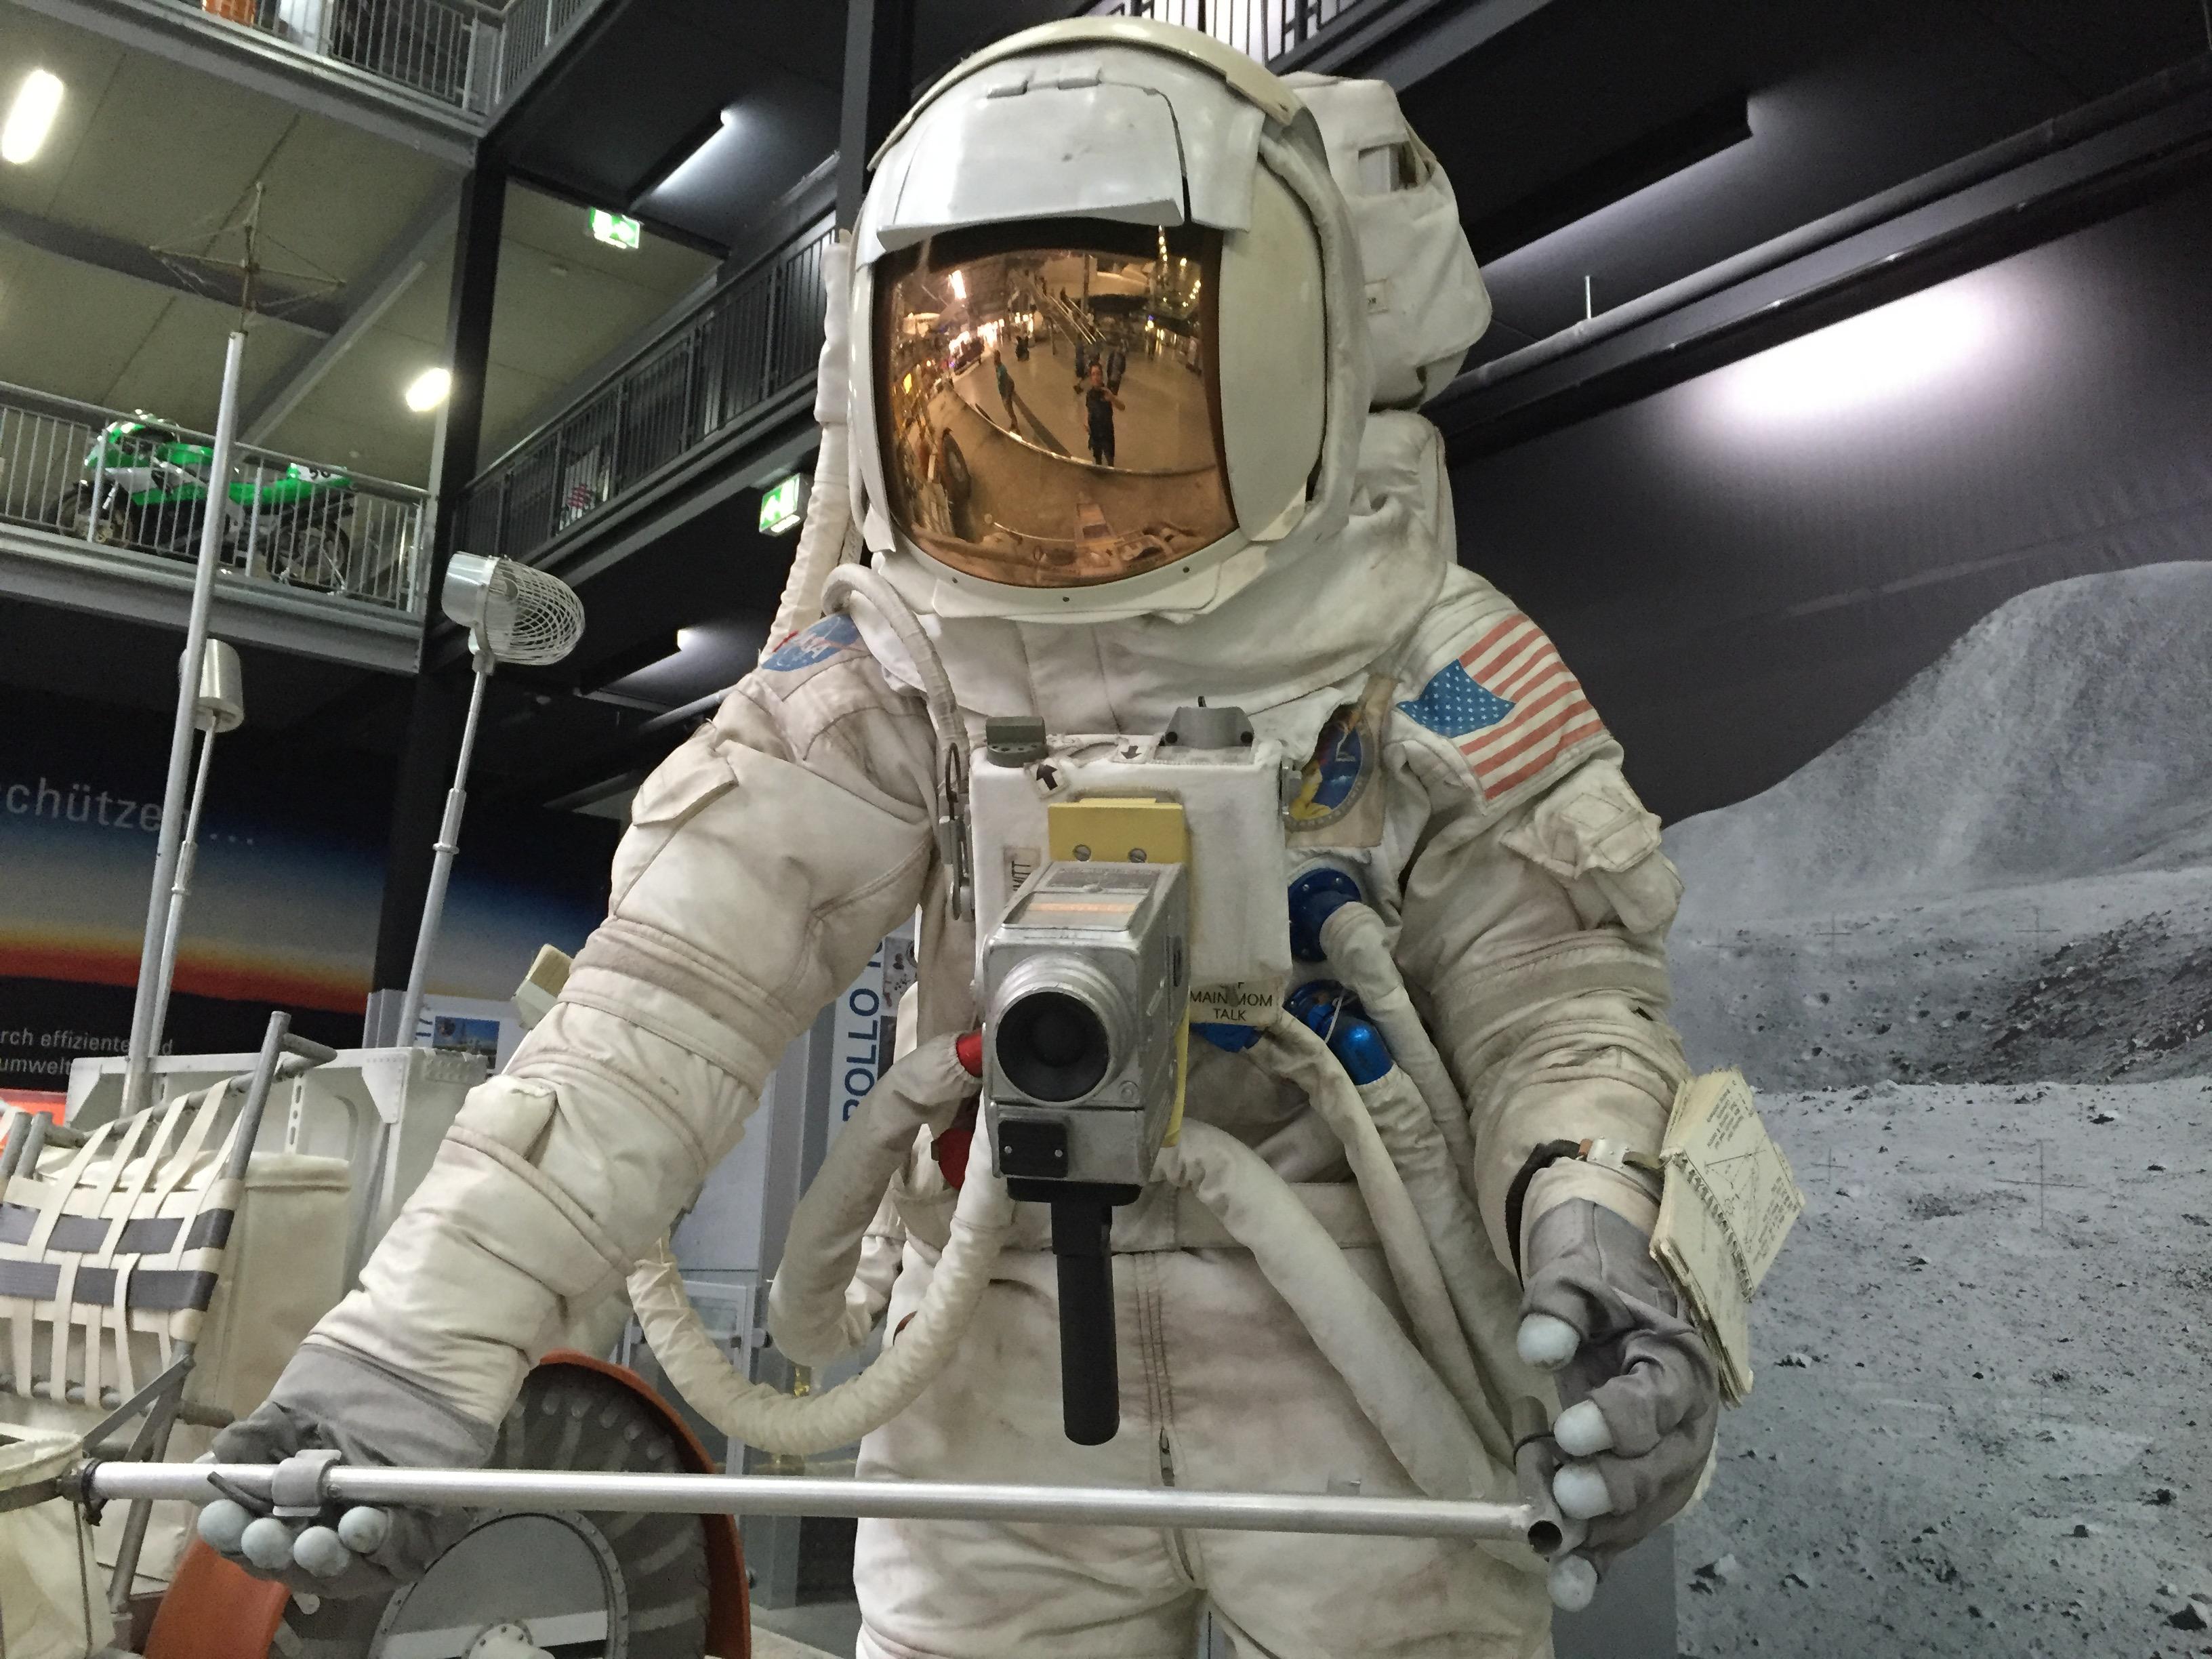 Anzug eines Astronauten